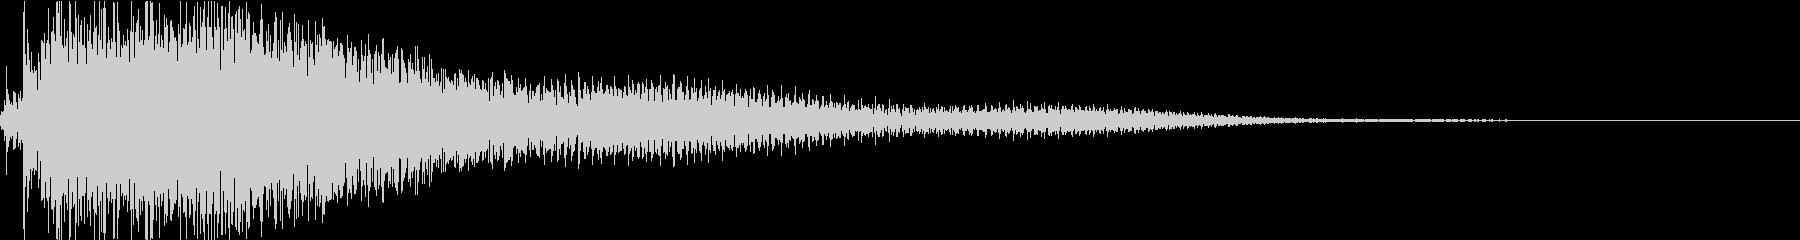 ジャラーン:アコースティックギターjの未再生の波形